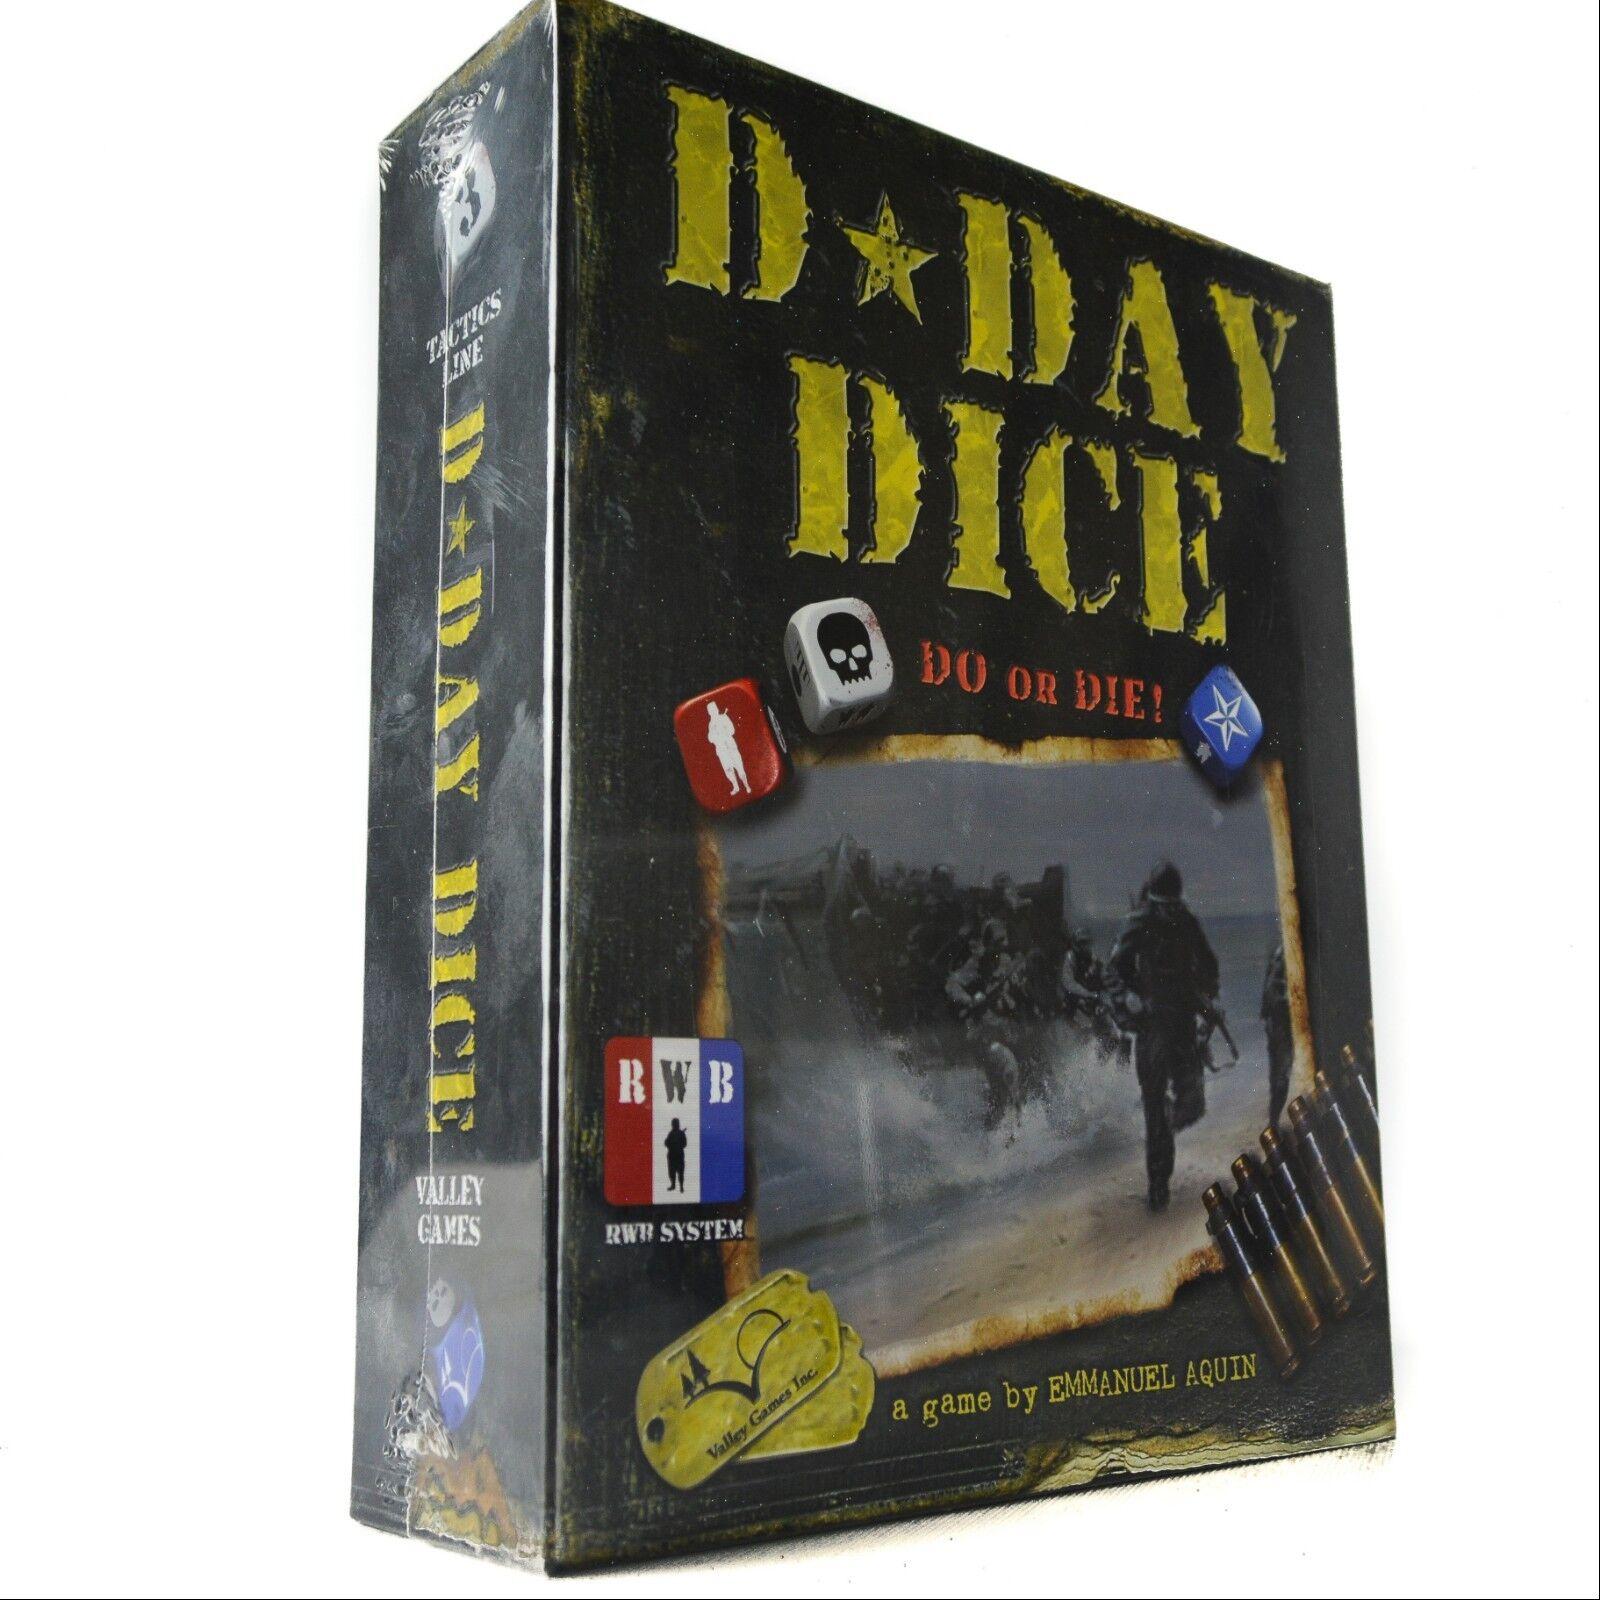 Juegos de Valle D Día dice hacer o morir tablero de juego de dados Ejército (Nueva Caja Sellada)